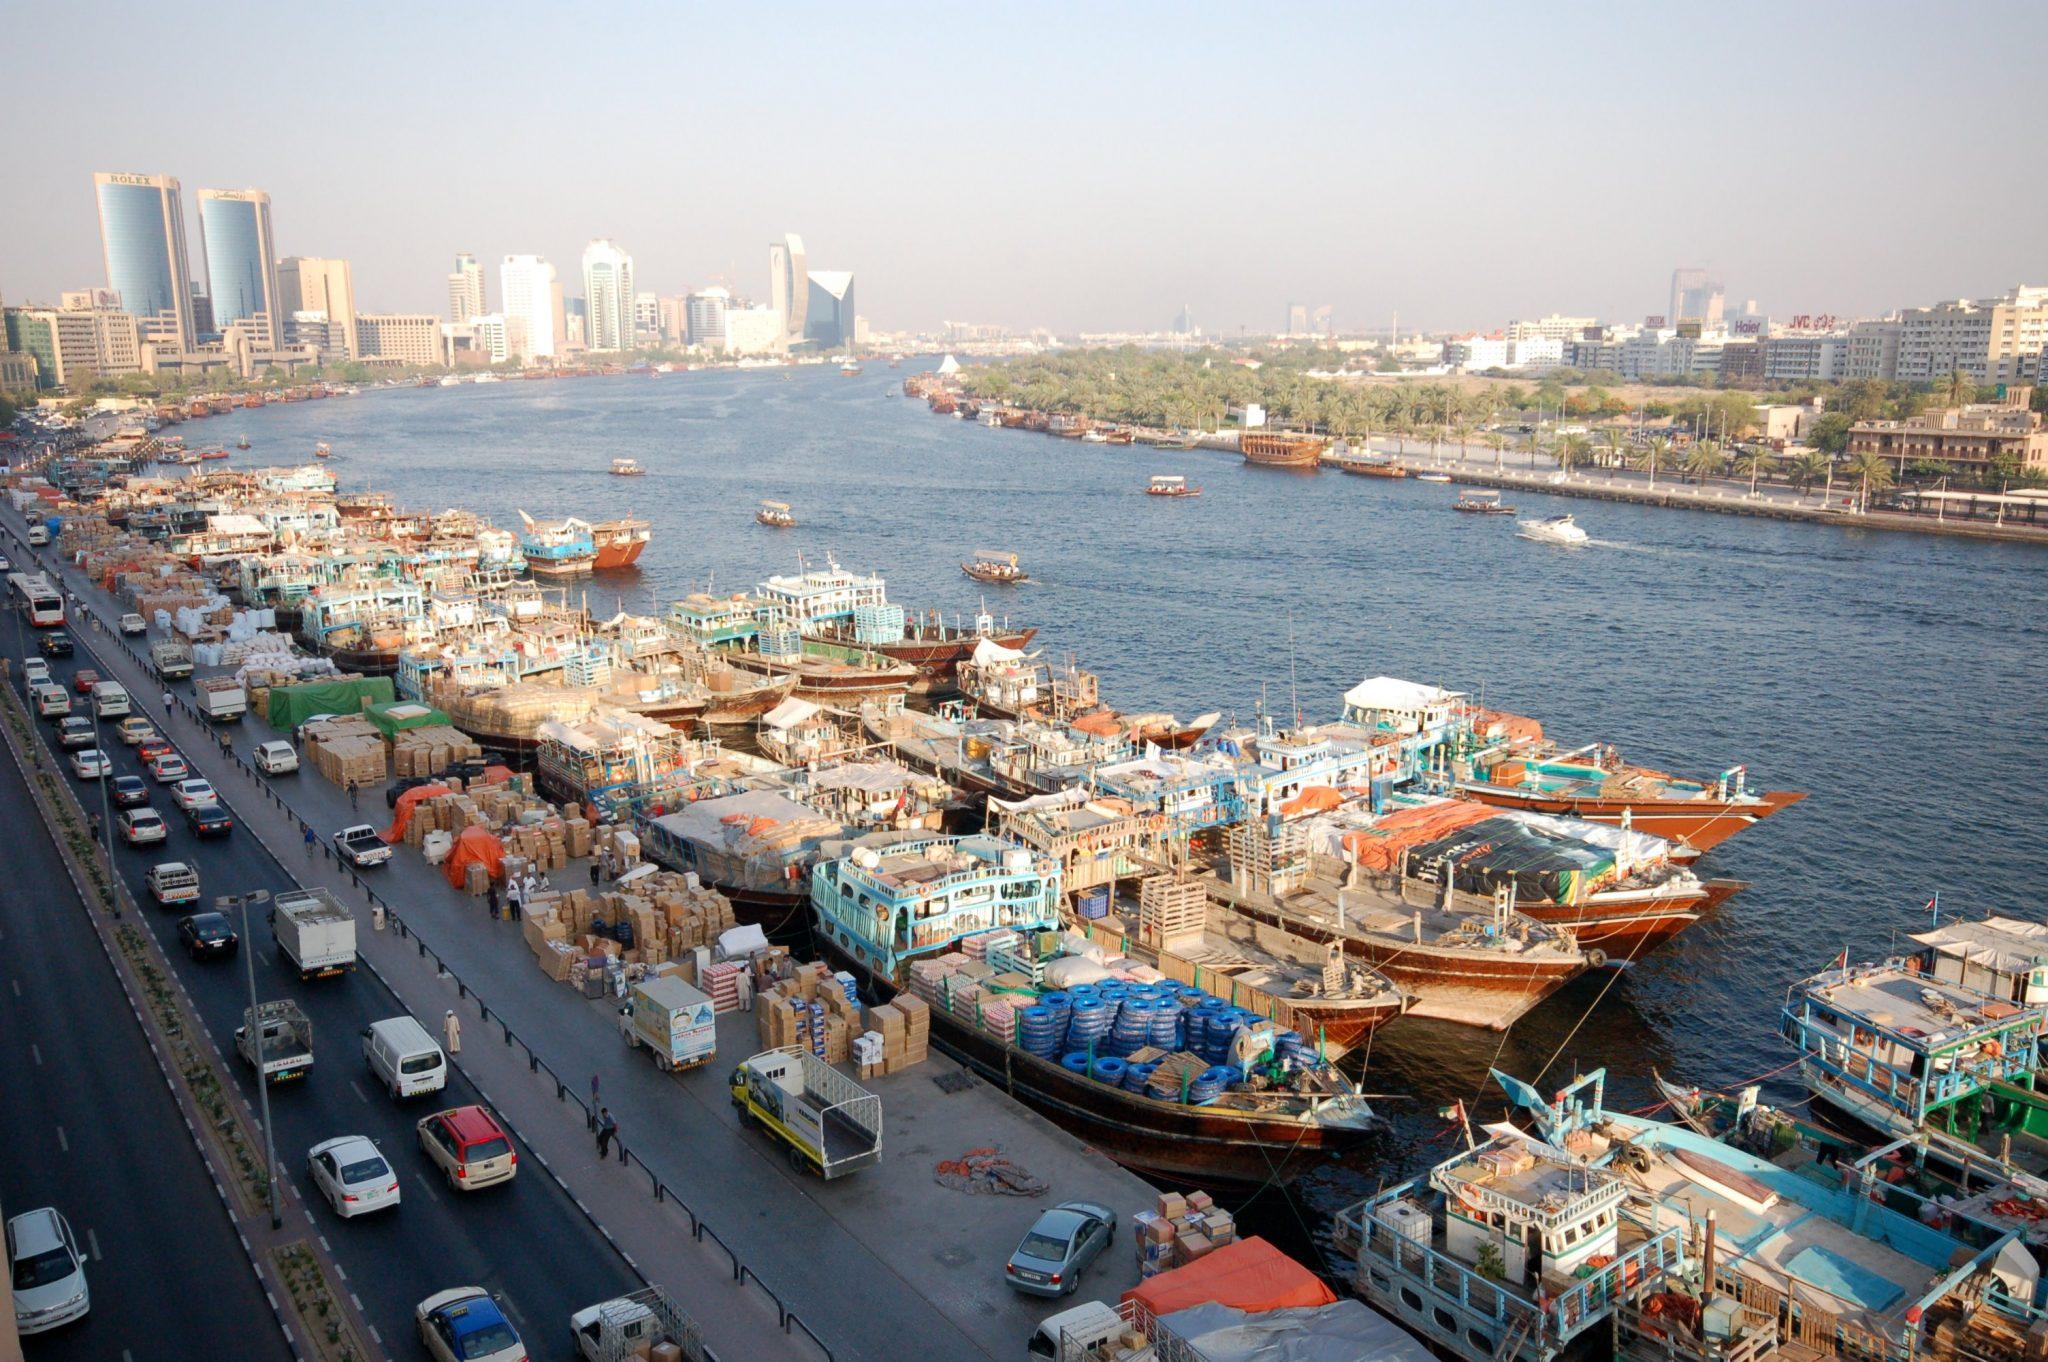 اتاق صنعت و بازرگانی دوبی